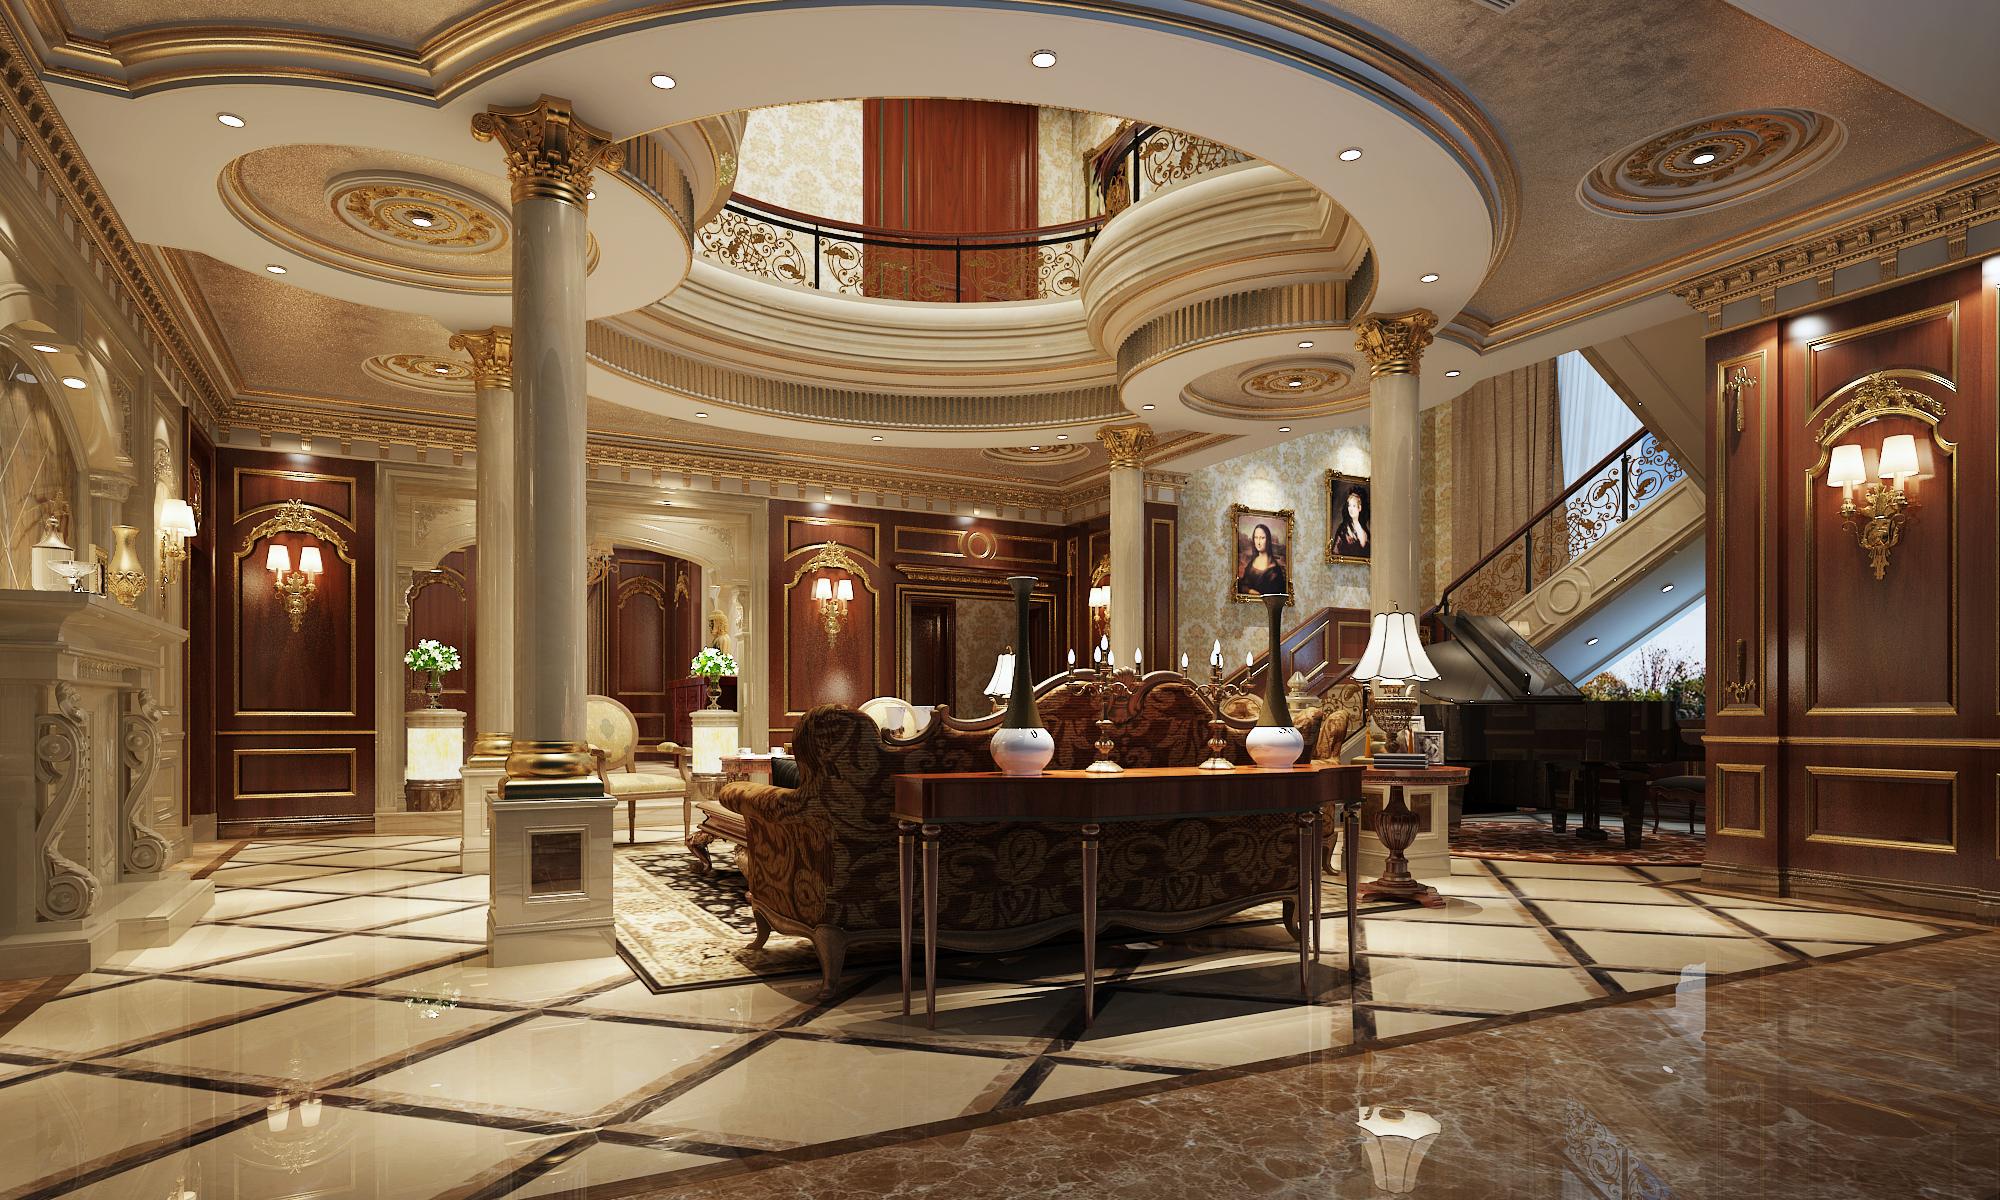 法式宫庭风格别墅图片